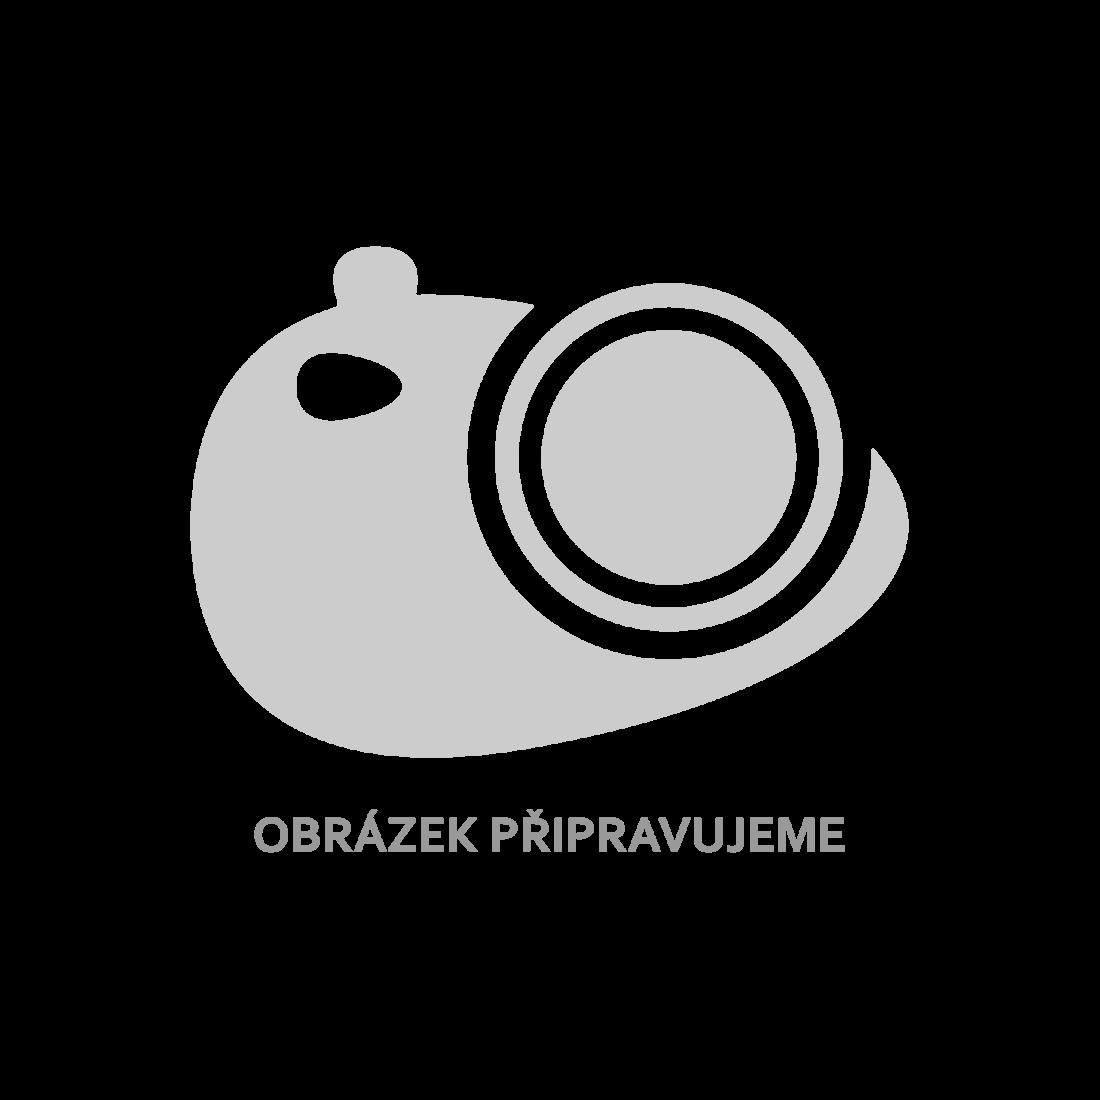 vidaXL Rám postele medově hnědý masivní borovice 180 x 200 cm [322080]